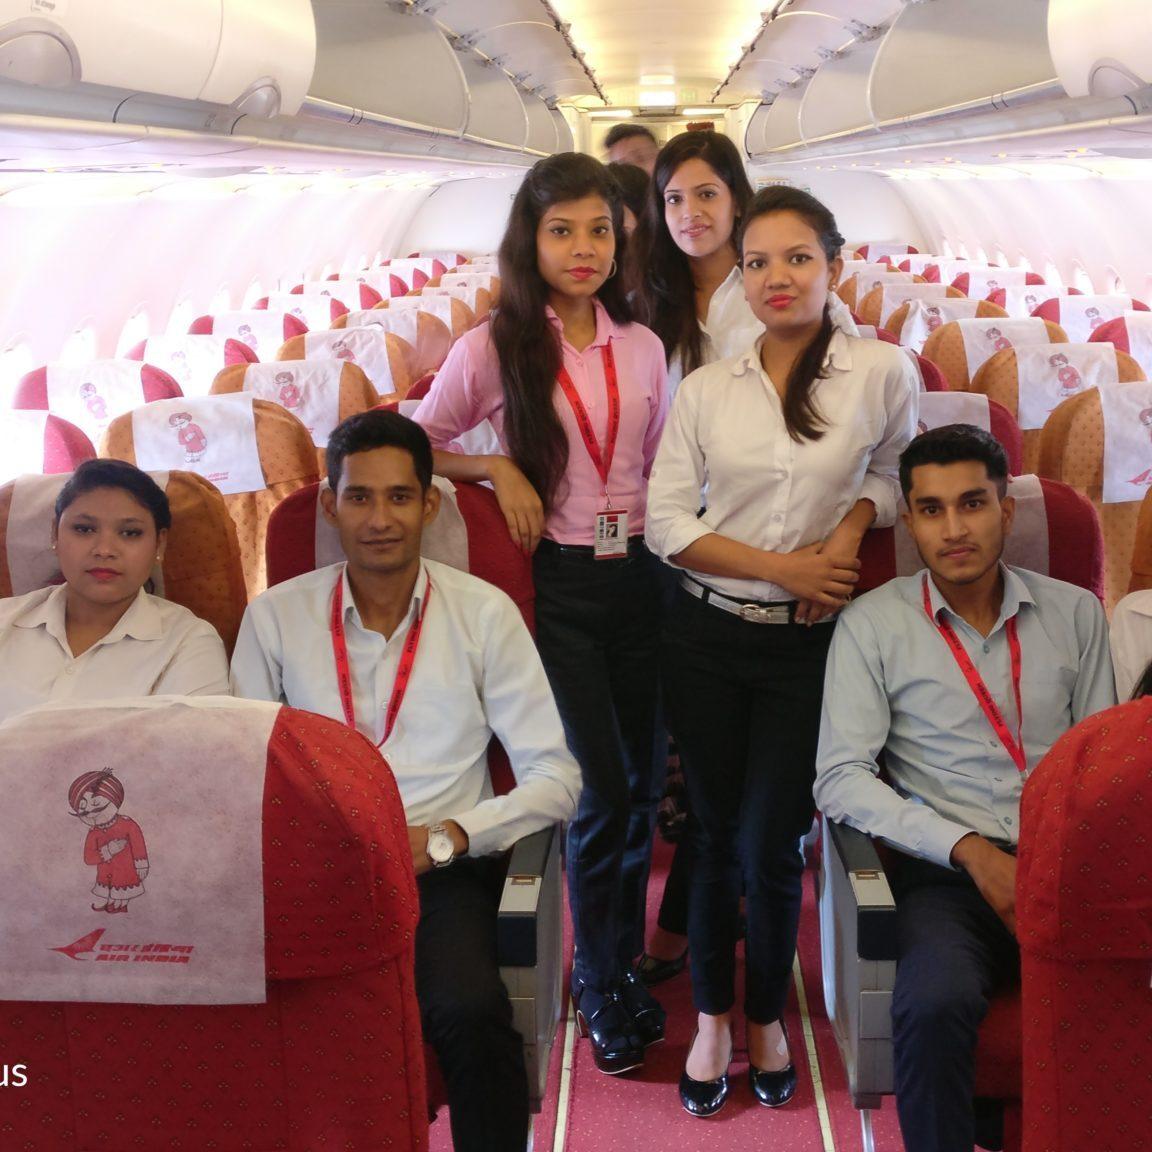 Air-Hostess-course-Delhi-Luxmi-Nagar-Pitampura-Cabin-Crew-Course-Luxmi-Nagar-Rani-Bagh-Delhi-Air-Ticketing-Course-Delhi-Flying-Queen-Delhi-2-1100x550 Home - Air Hostess Course Delhi